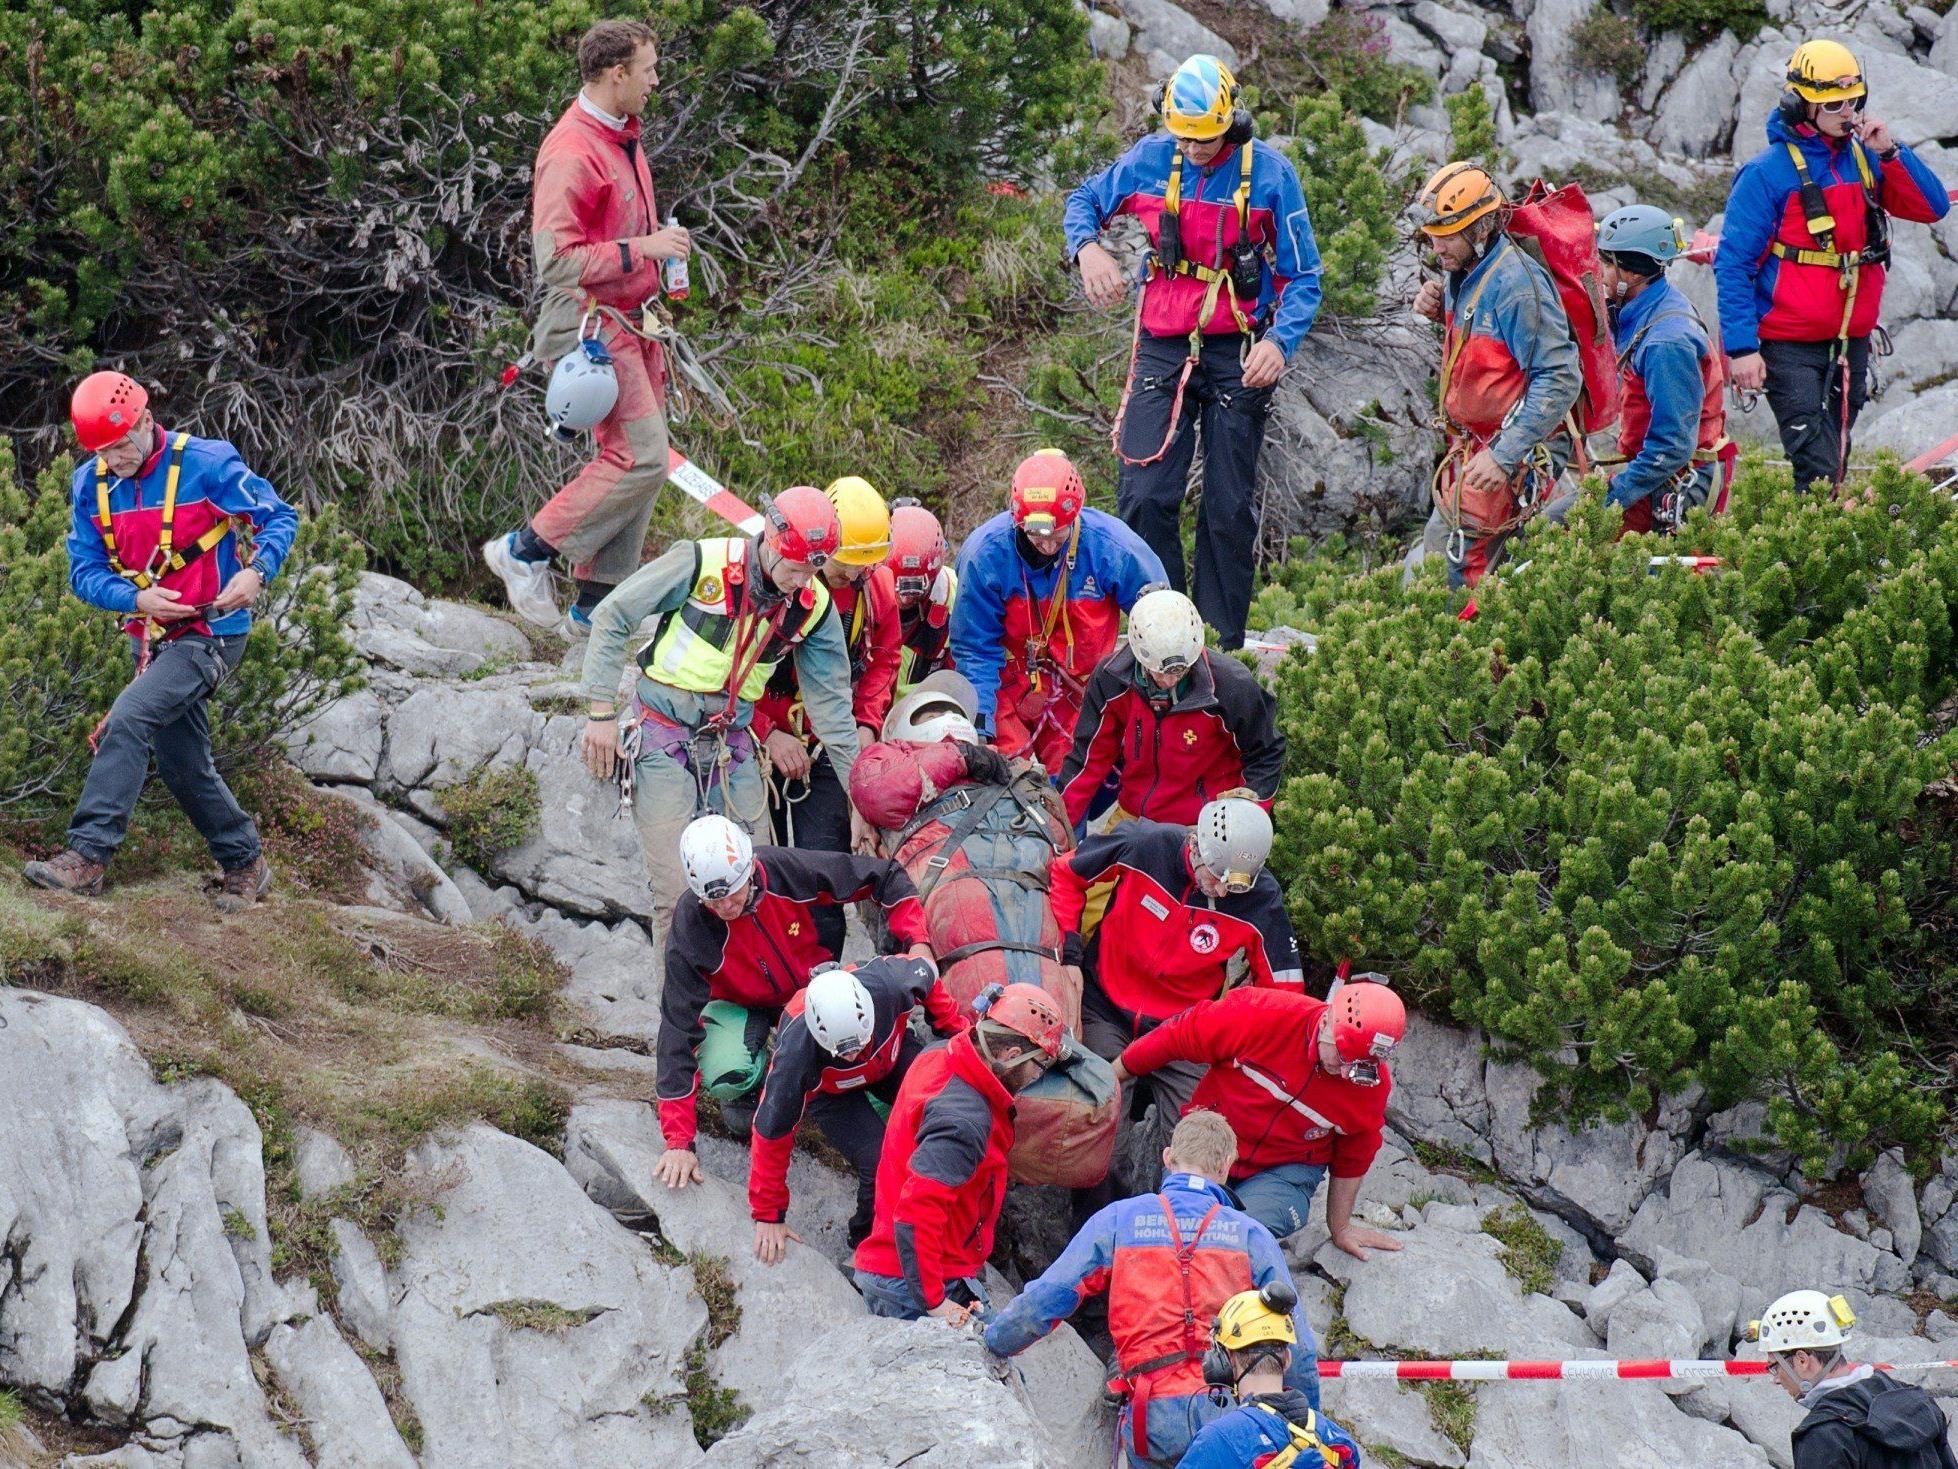 Der verletzte Höhlenforscher wird zur Sanitätsstation gebracht.